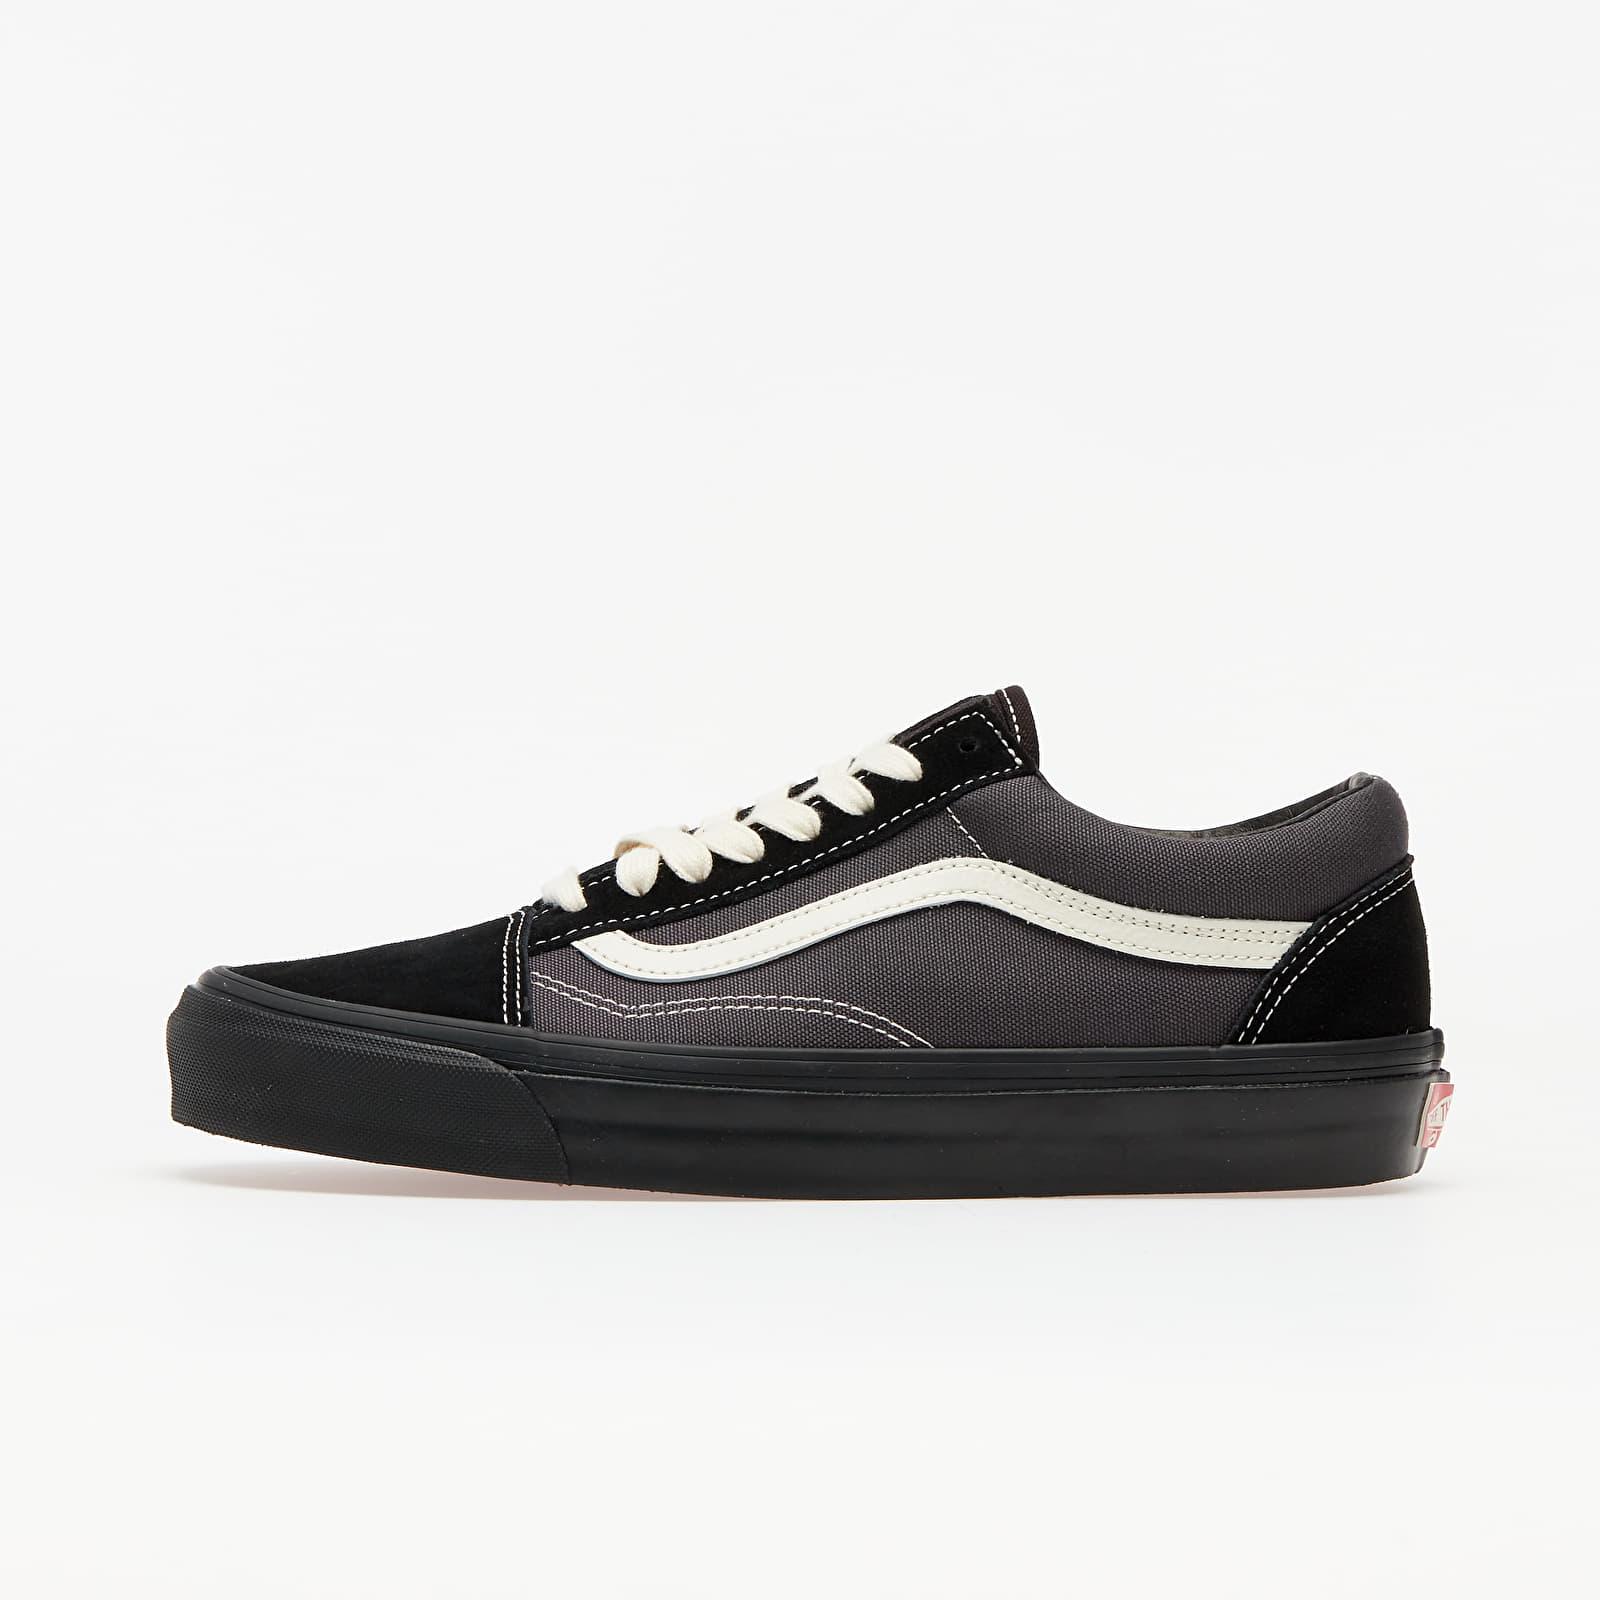 Мужская обувь Vans OG Old Skool LX (Sude/ Canvas) Black/ Grey